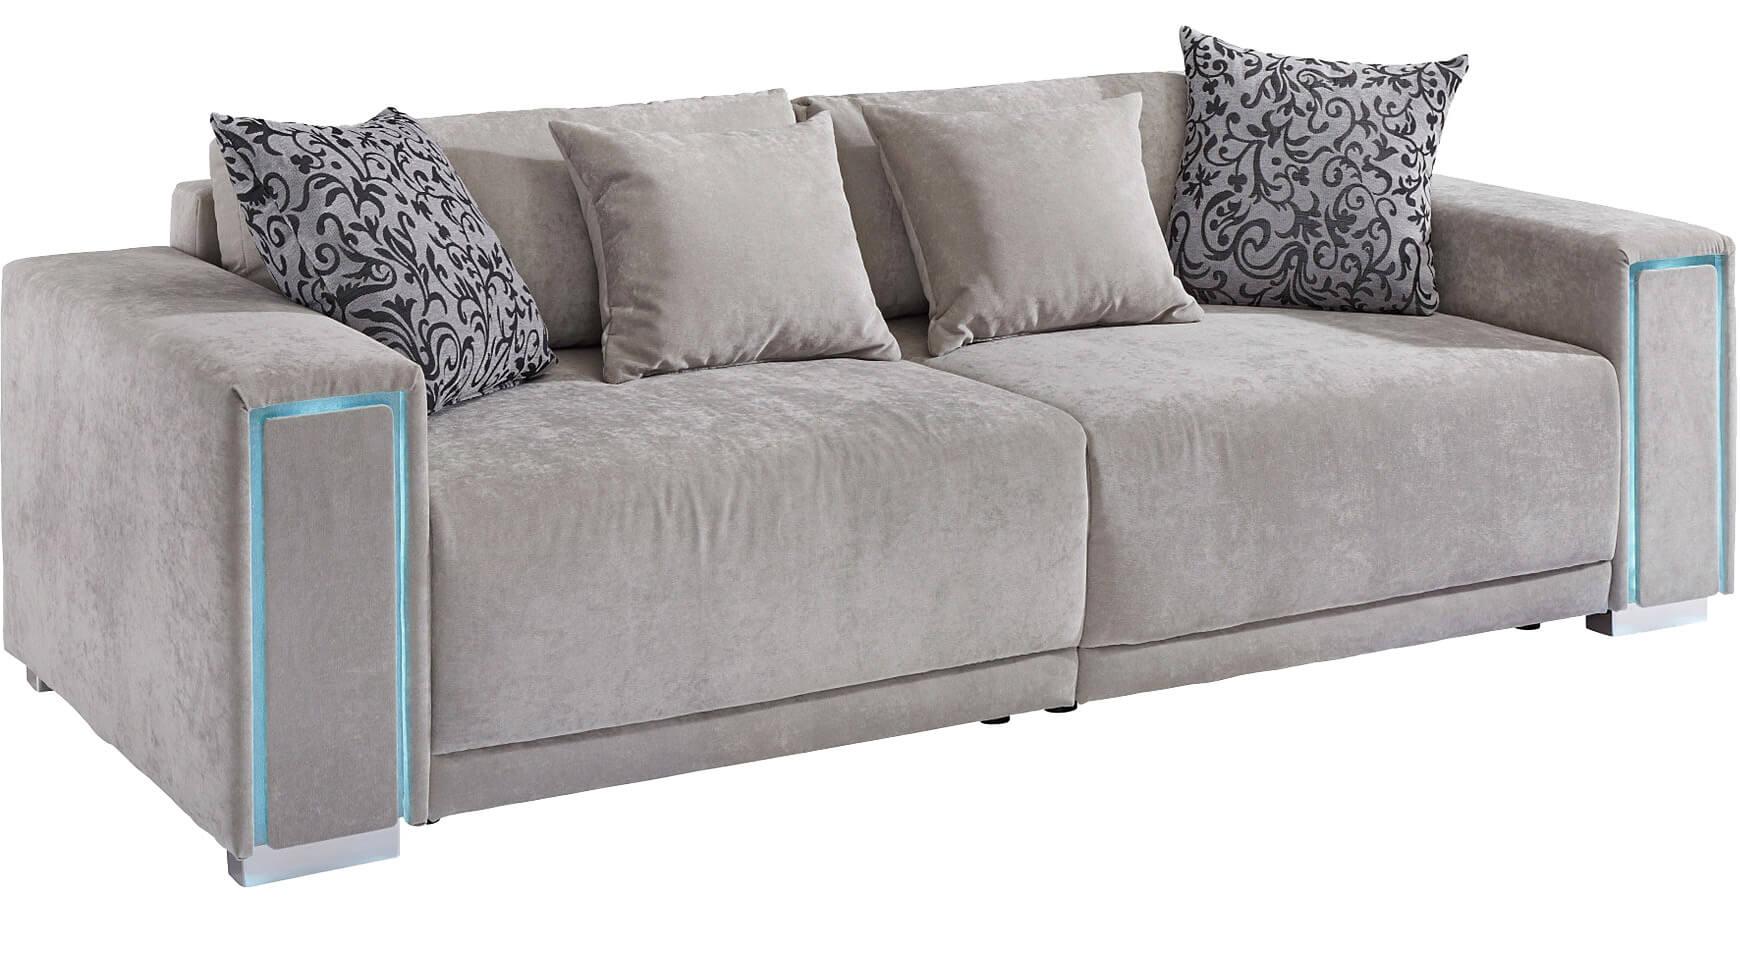 Full Size of Xxl Sofa Couch Extragroe Sofas Bestellen Bei Cnouchde Breit Halbrundes Mit Schlaffunktion Elektrischer Sitztiefenverstellung Home Affair Big Poco Sofa Sofa Groß